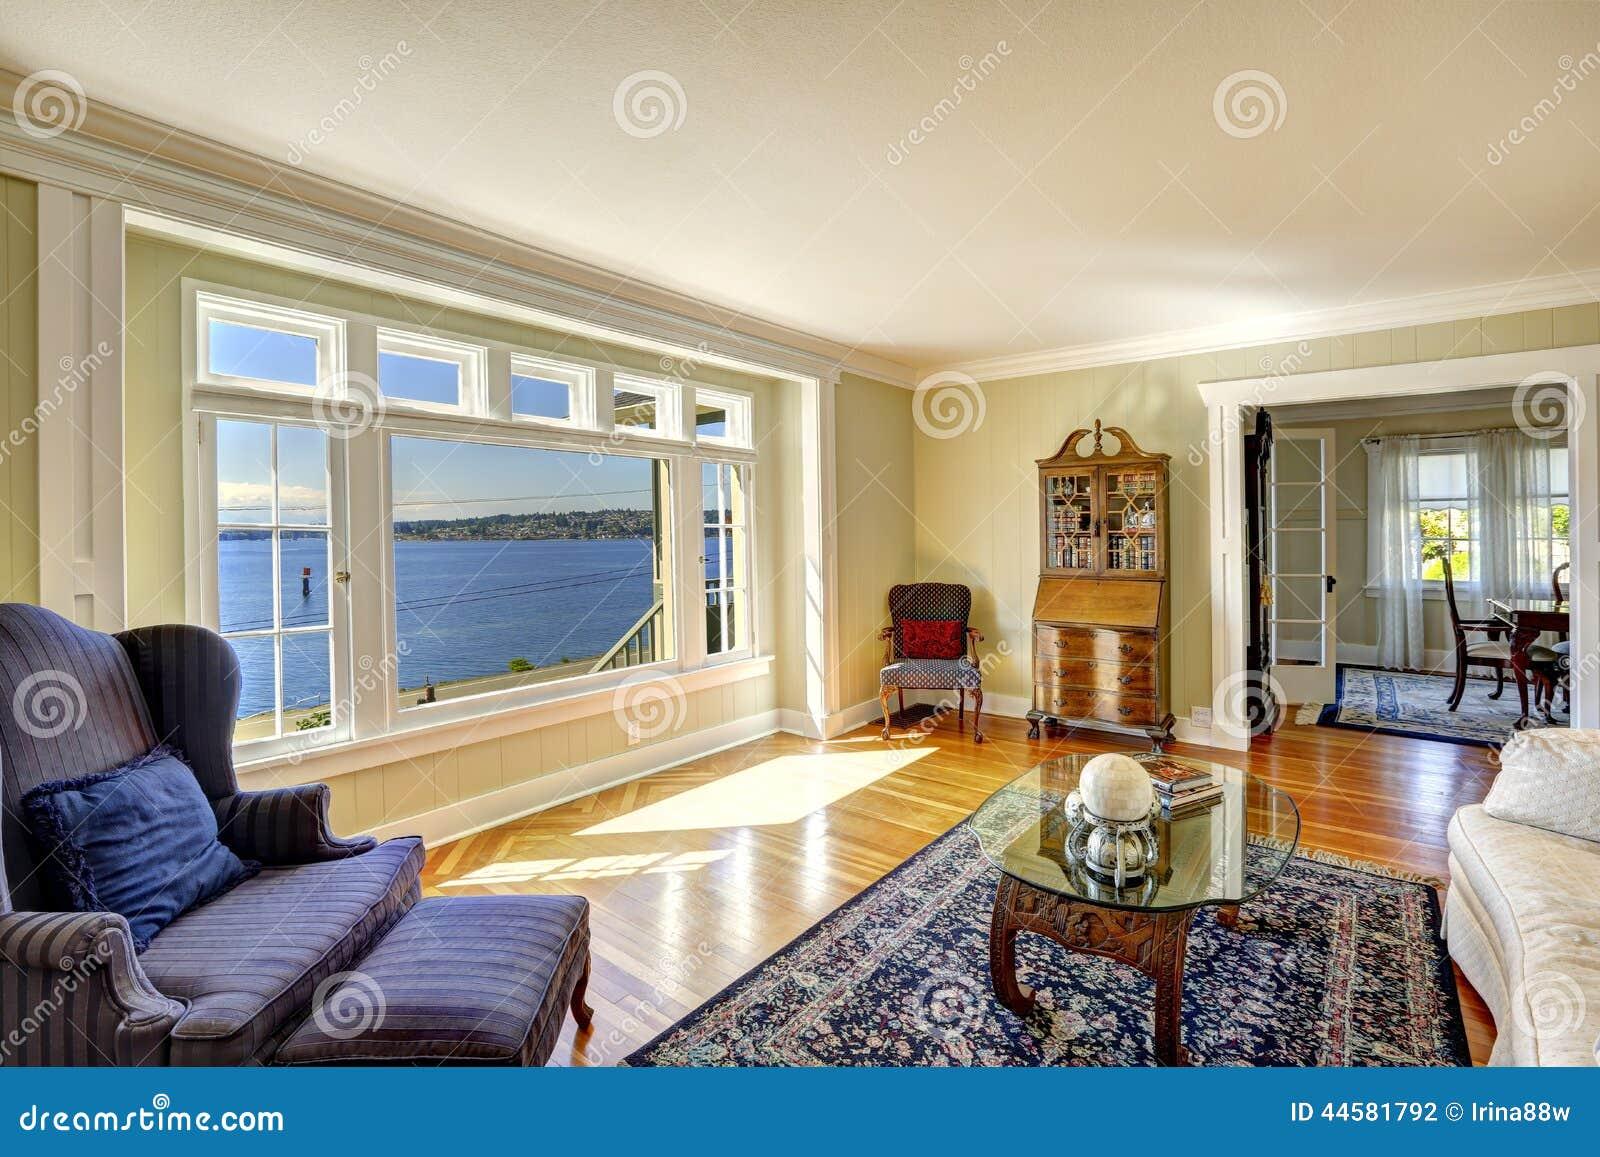 Elegantes wohnzimmer mit ansicht der antiken m bel und des wassers real - Elegante wohnzimmer ...